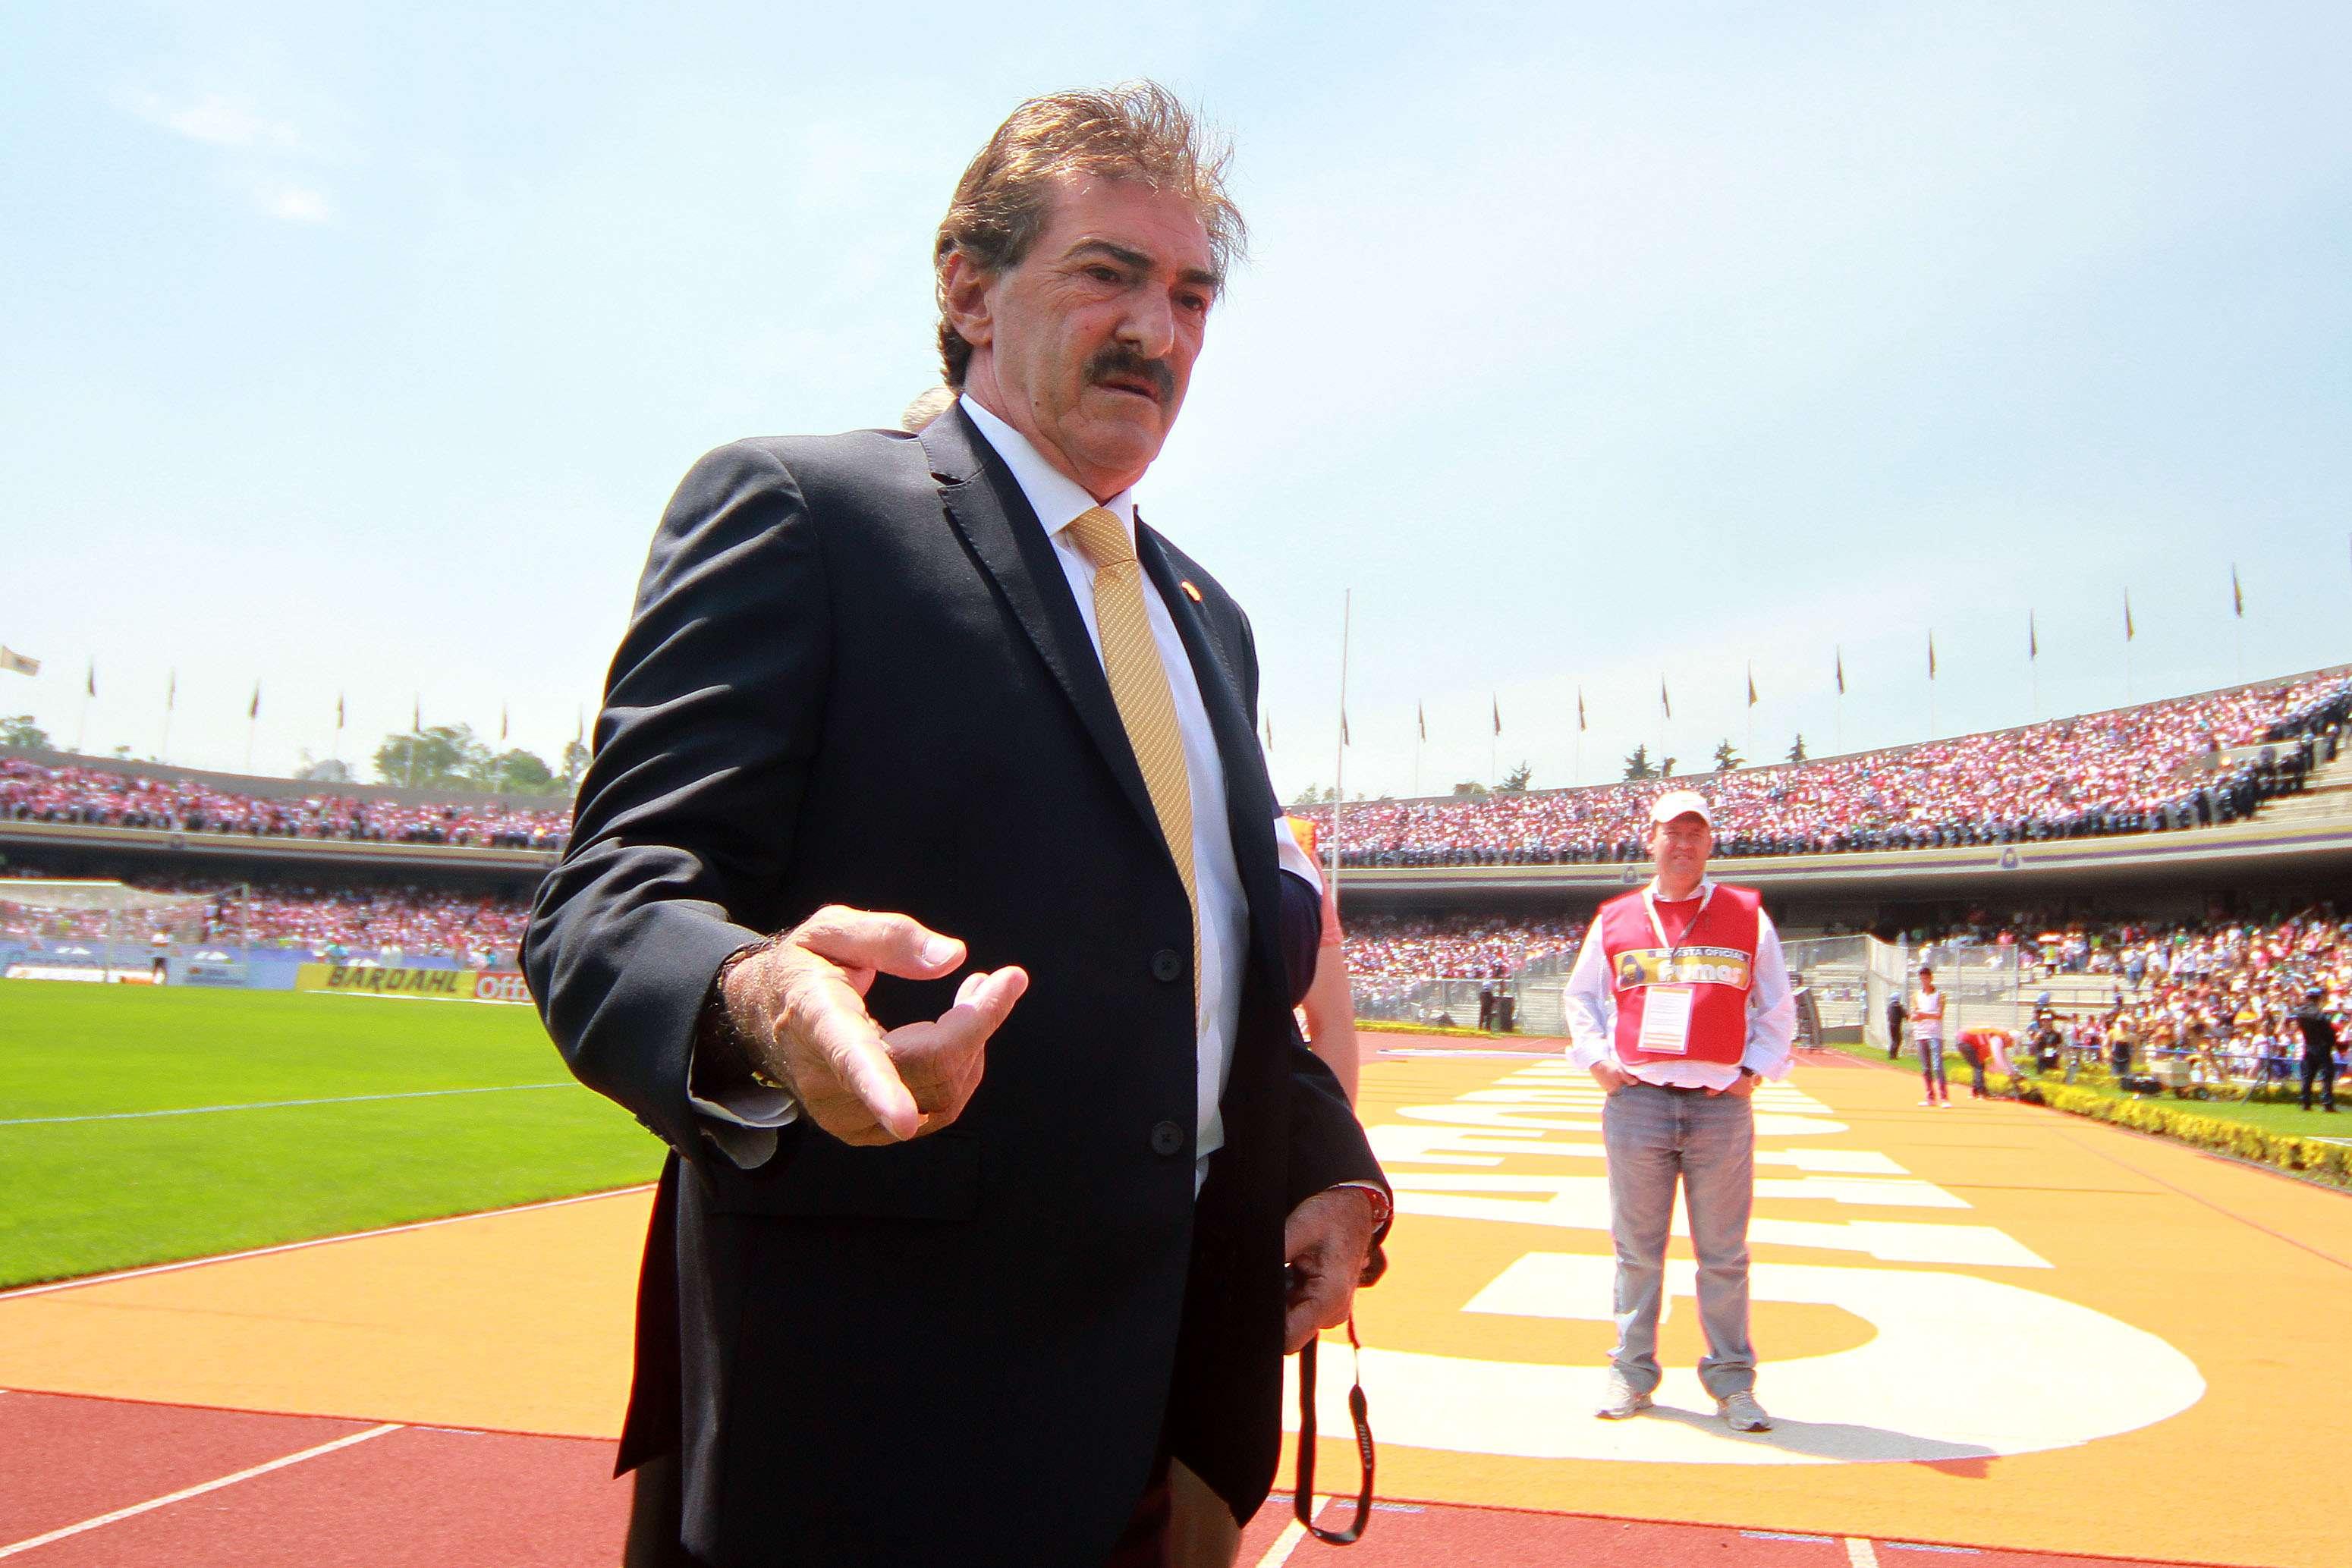 La Volpe dio su opinión sobre el llamado de Carlos Vela al Tricolor. Foto: Imago7